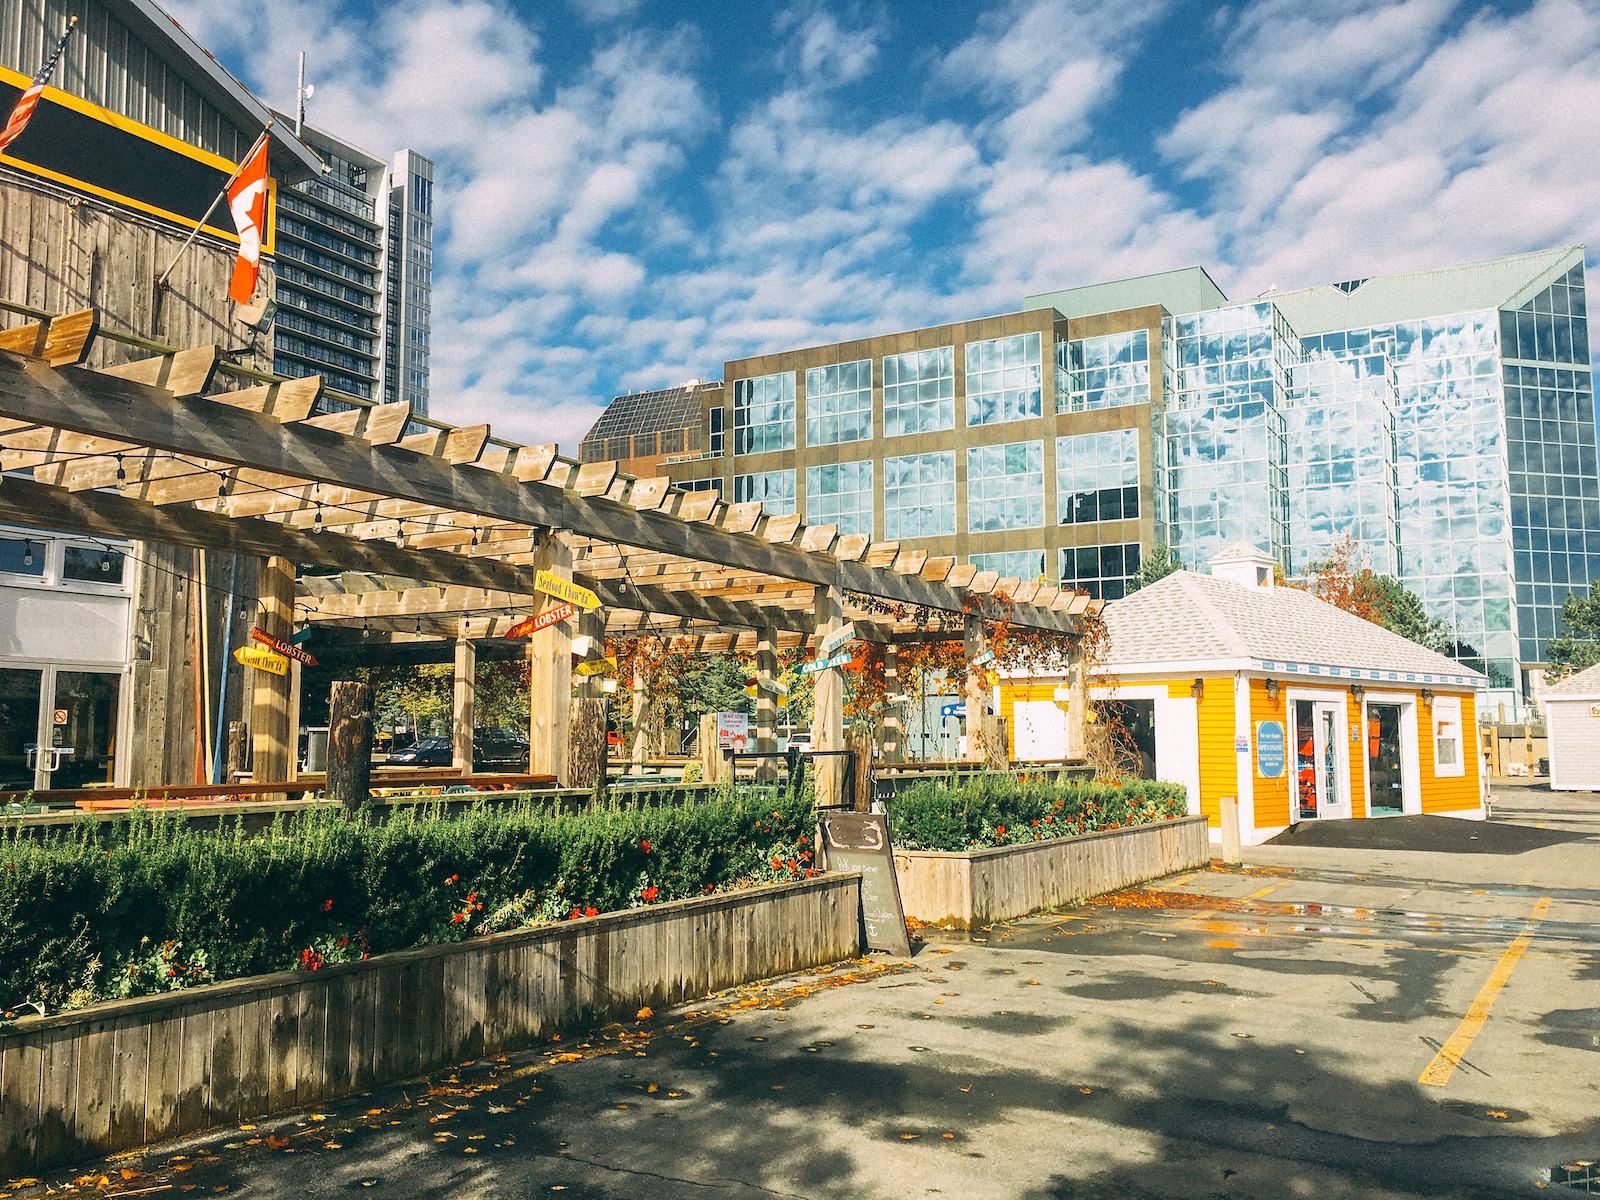 Halifax waterfront buildings